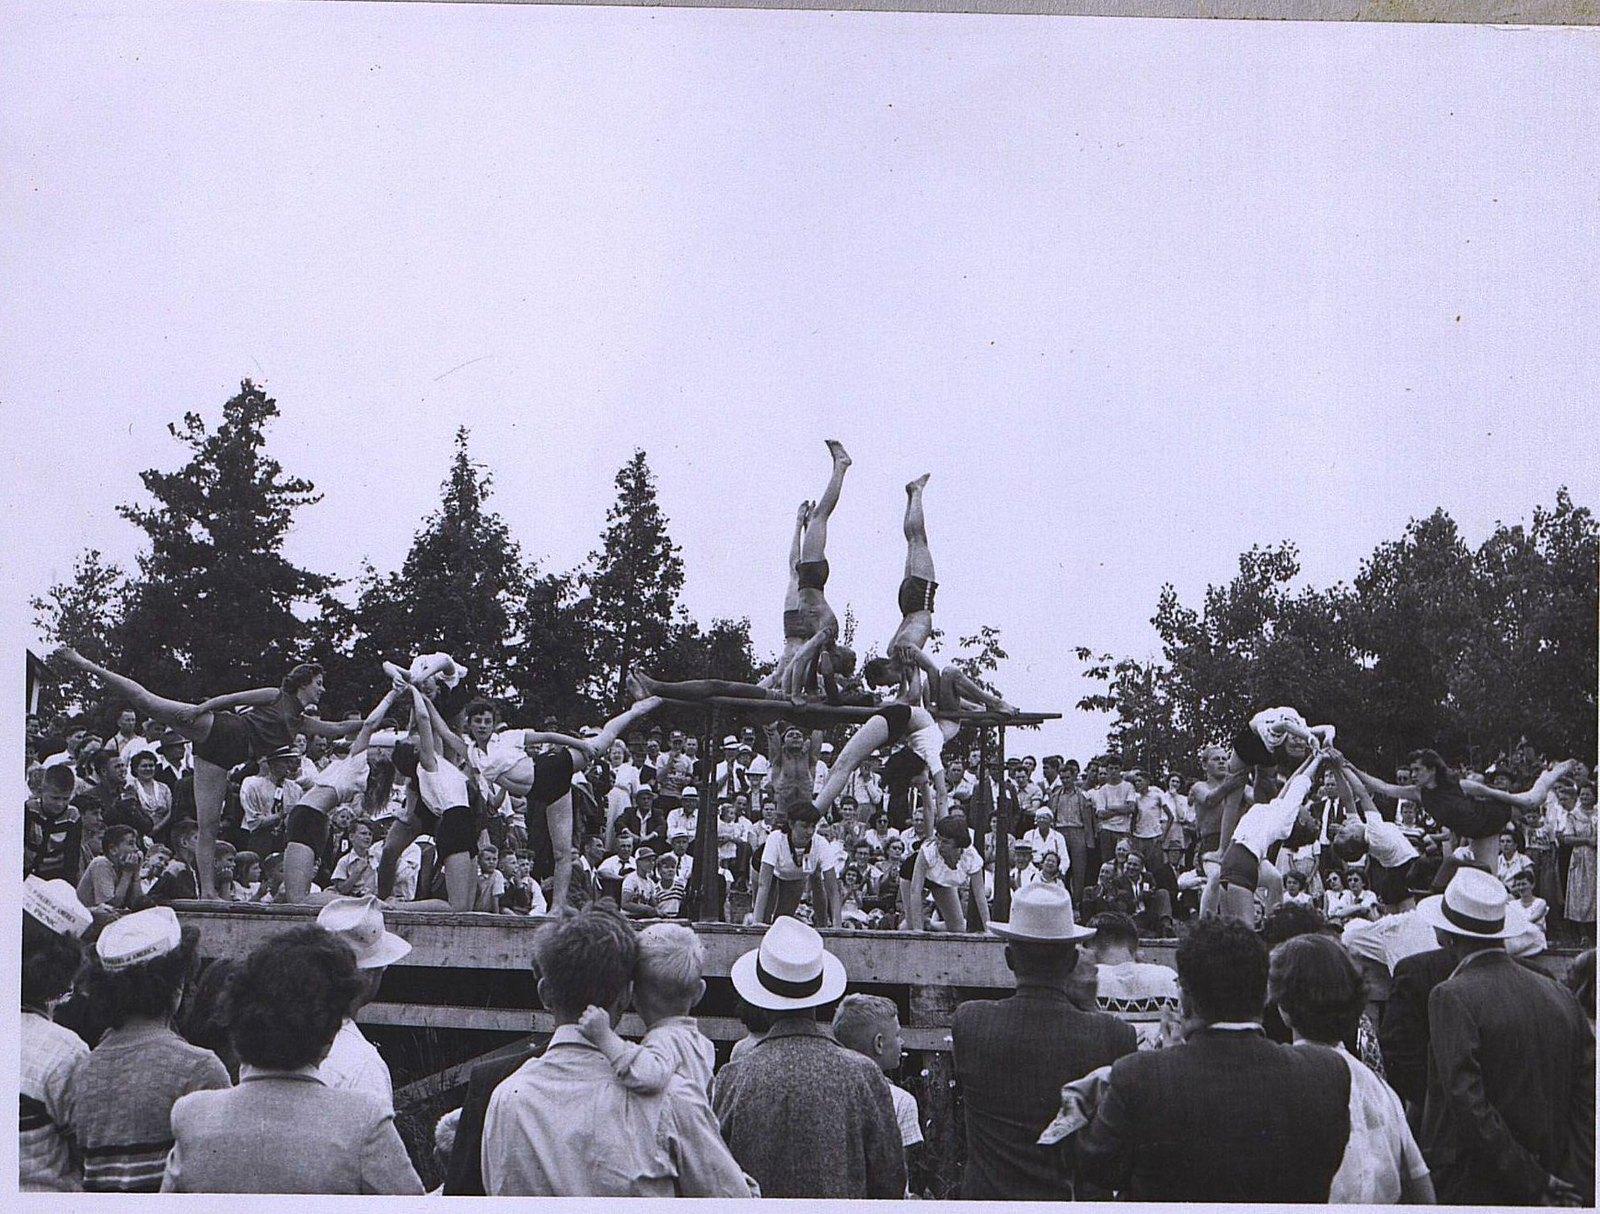 21, 1950-е. Гимнасты. Выступление на отрытом воздухе